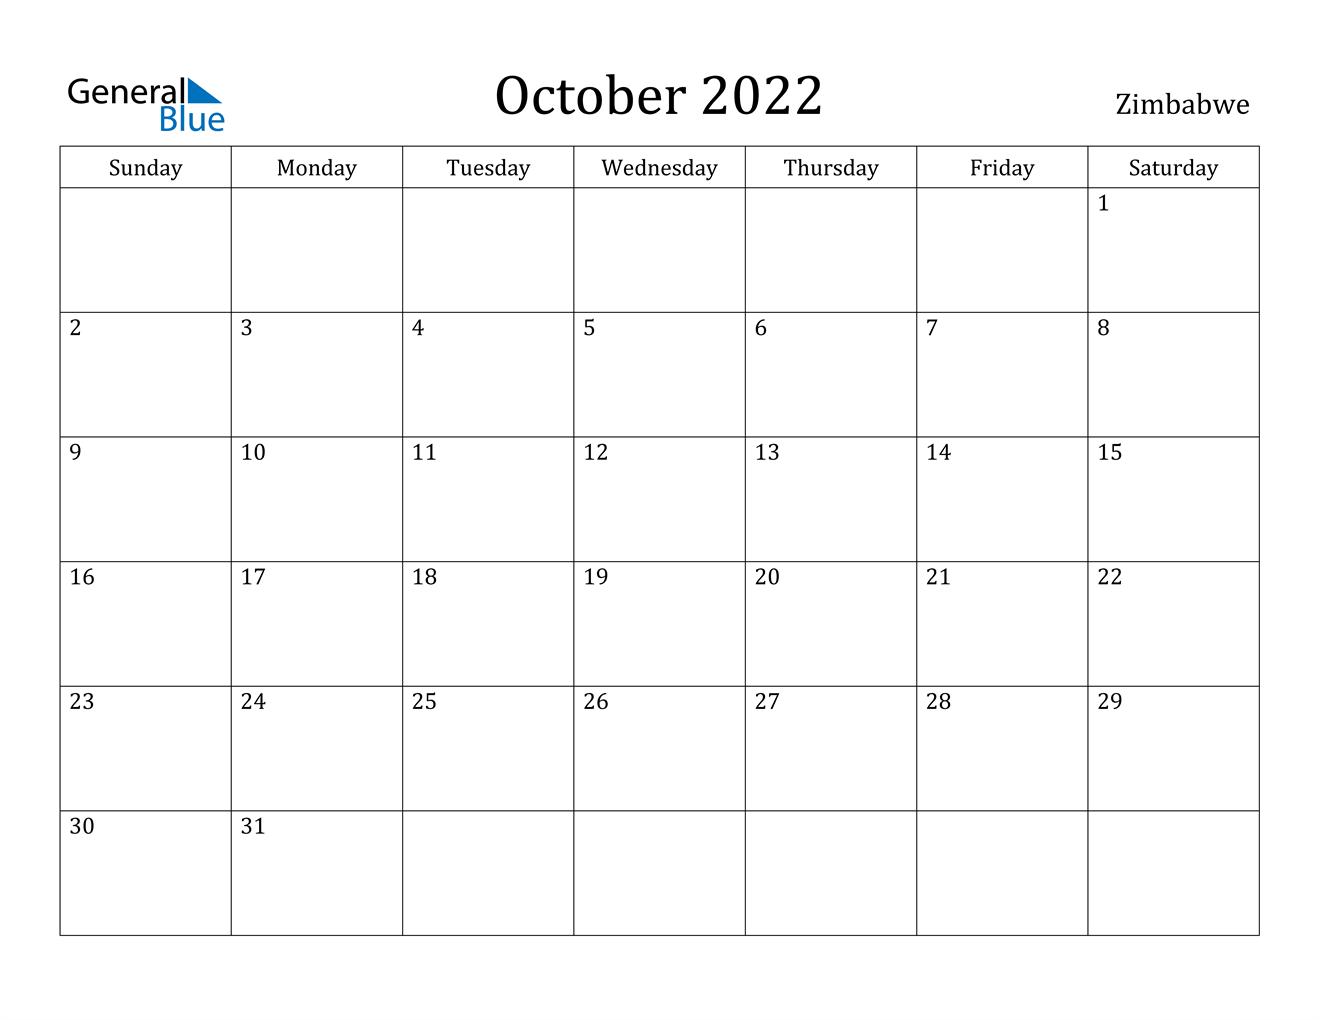 October 2022 Calendar.Zimbabwe October 2022 Calendar With Holidays